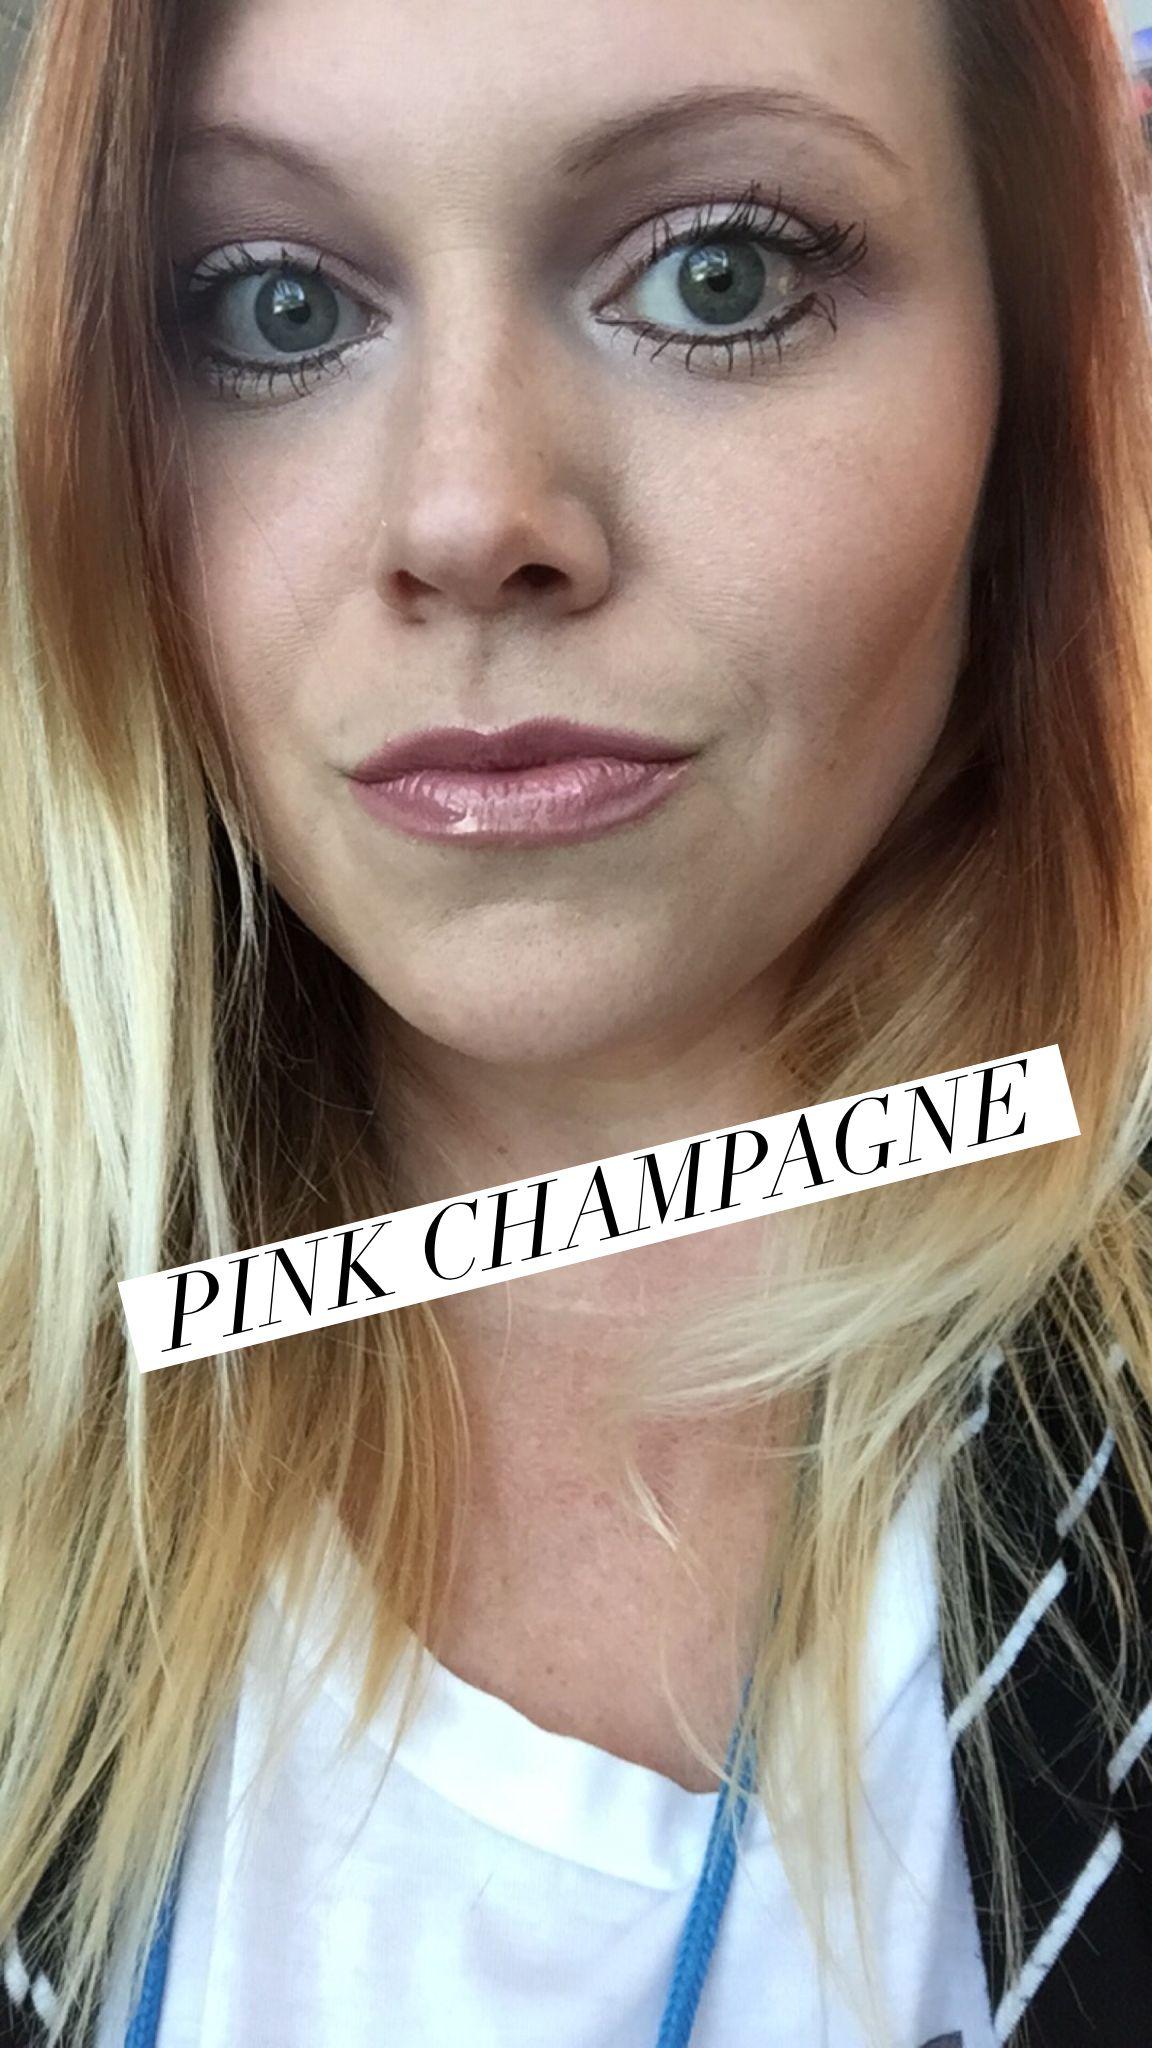 Pin by Emilee Wooten on SENEGENCE   Senegence, Post selfies